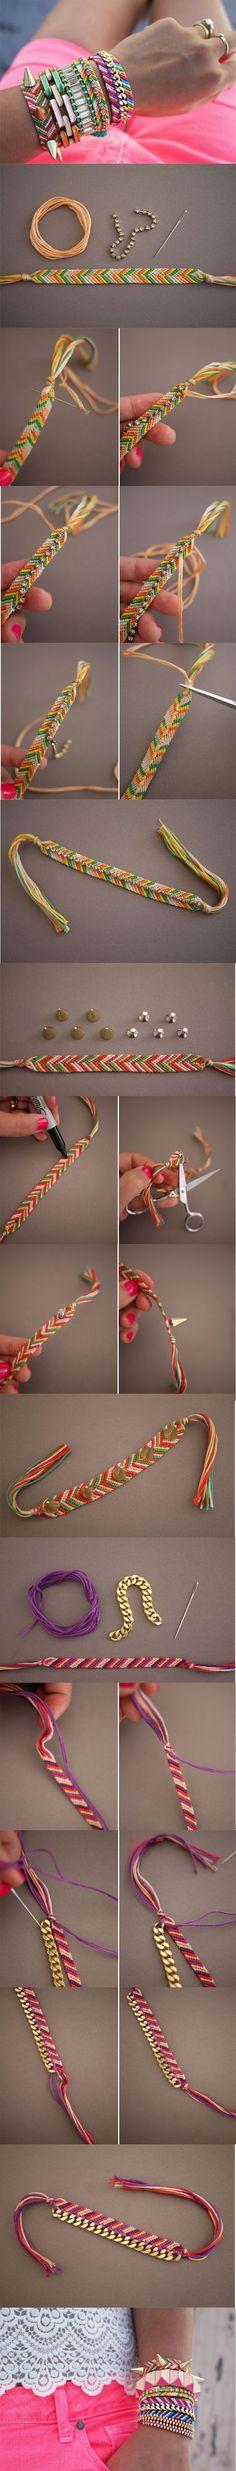 3 modelos mais elaborados de pulseiras da amizade- com strass, com spikes e com corrente.